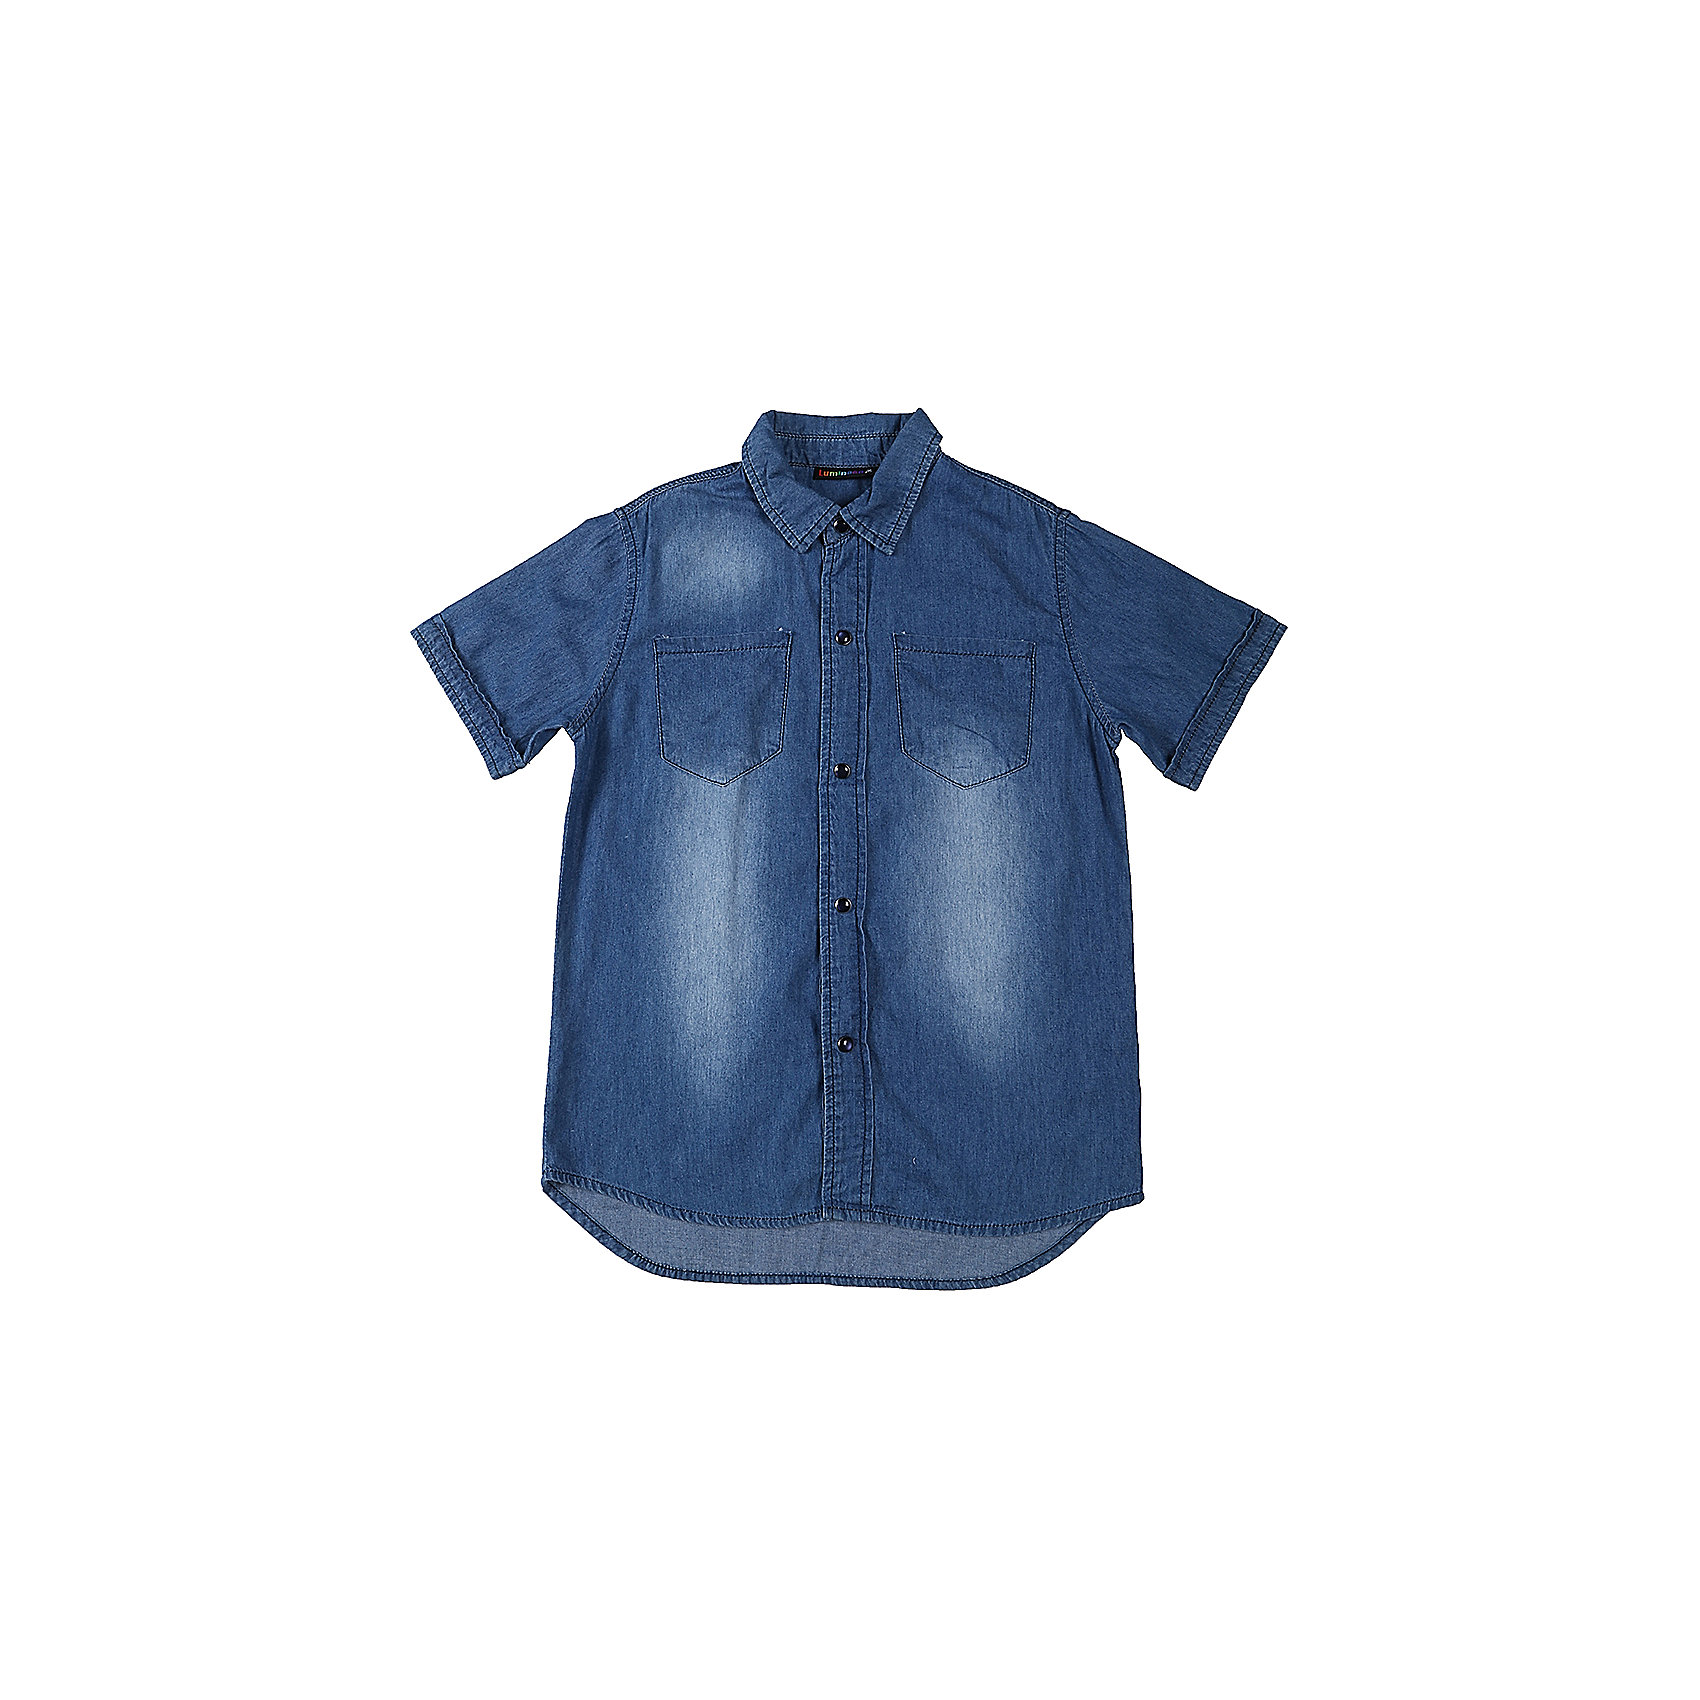 Рубашка джинсовая для мальчика Luminoso